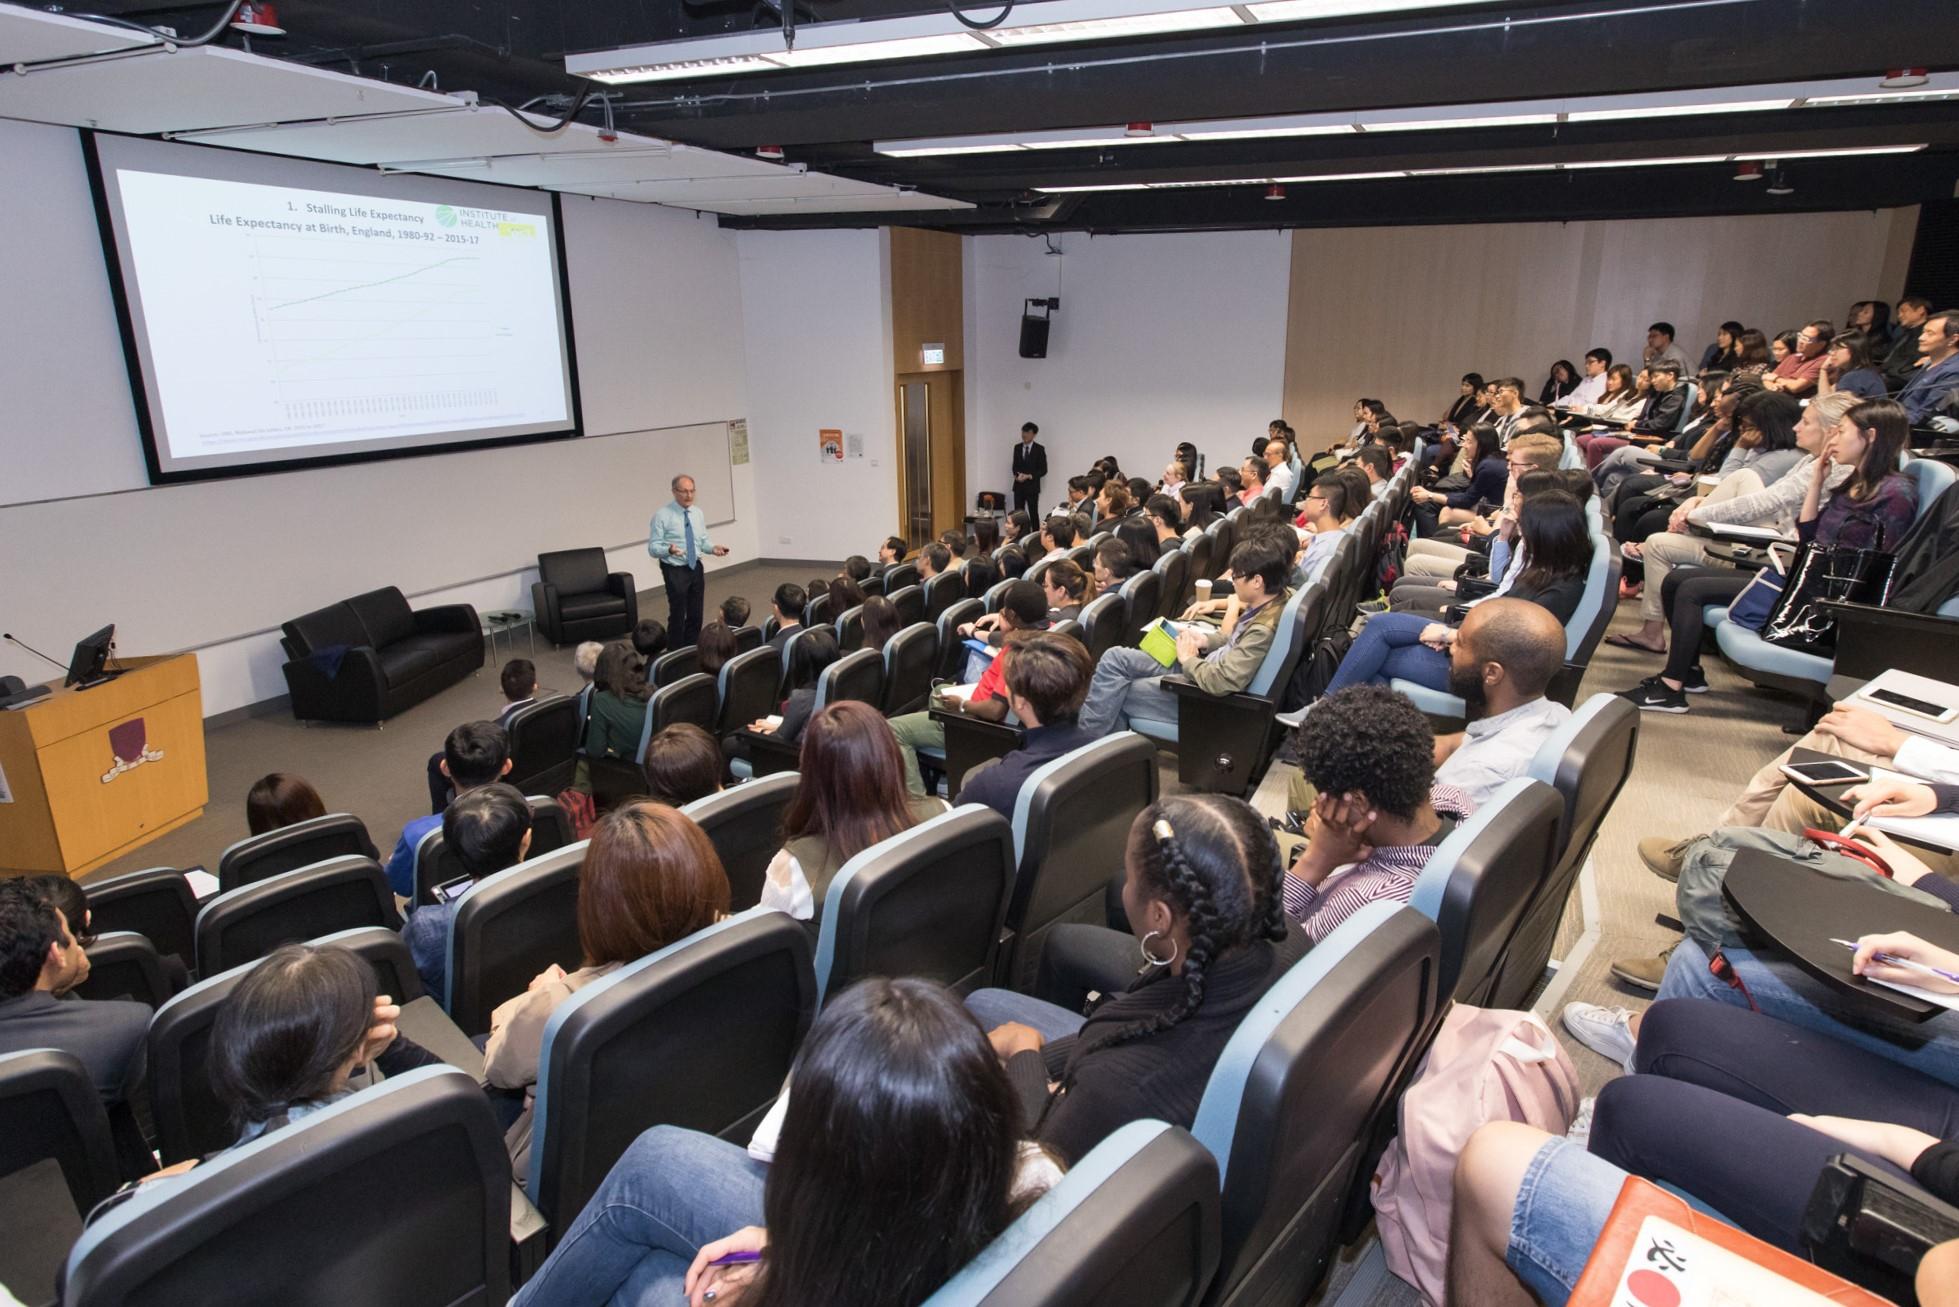 講座吸引逾150位參加者。